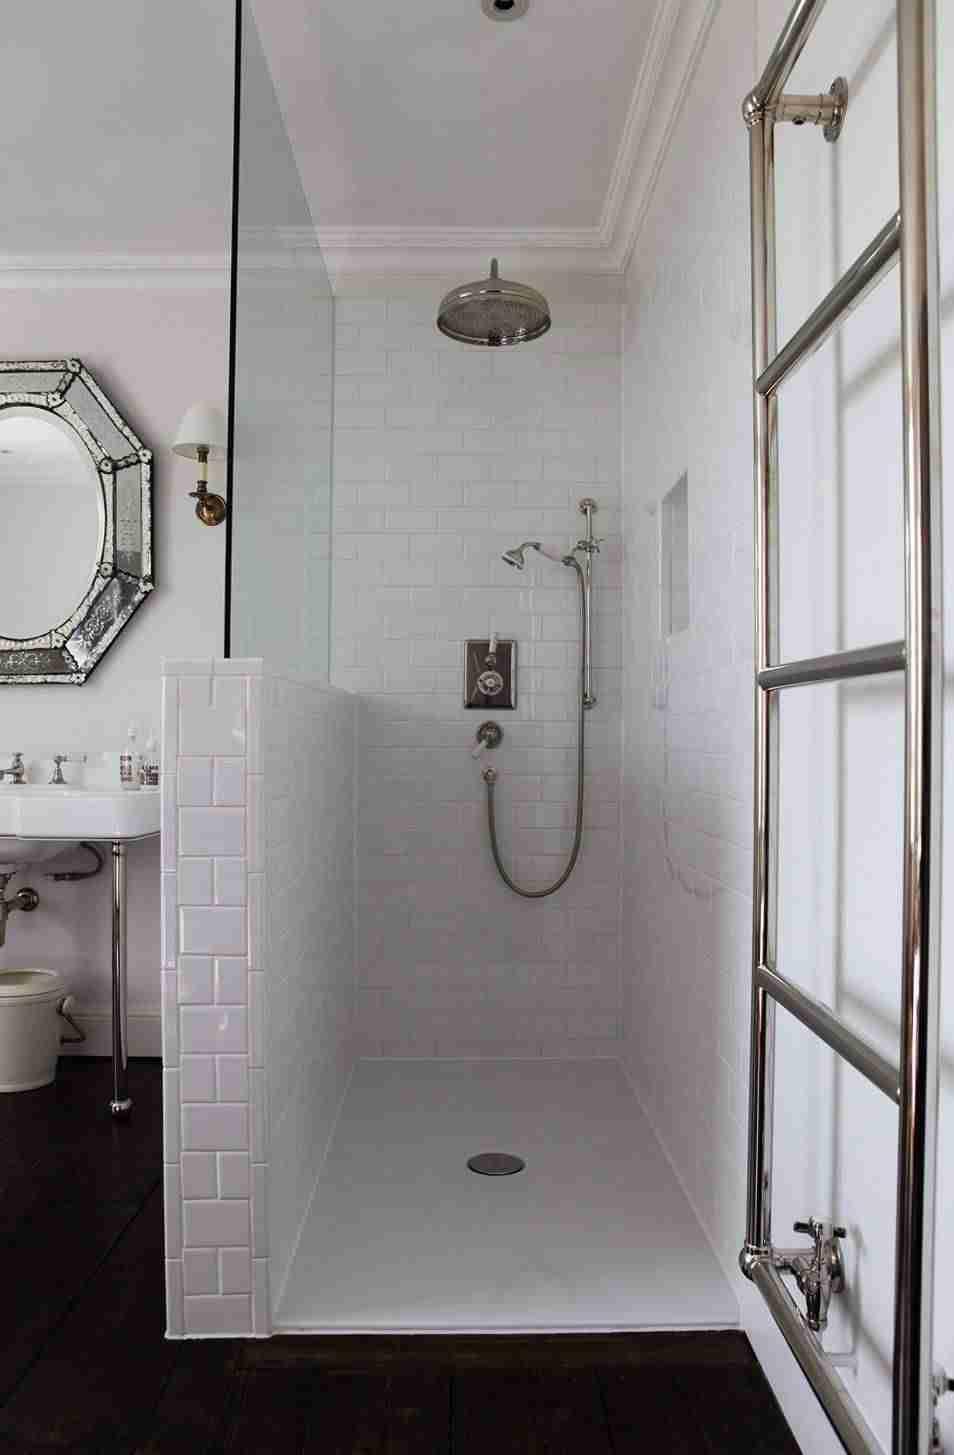 ducha tipo lluvia en baño blanco